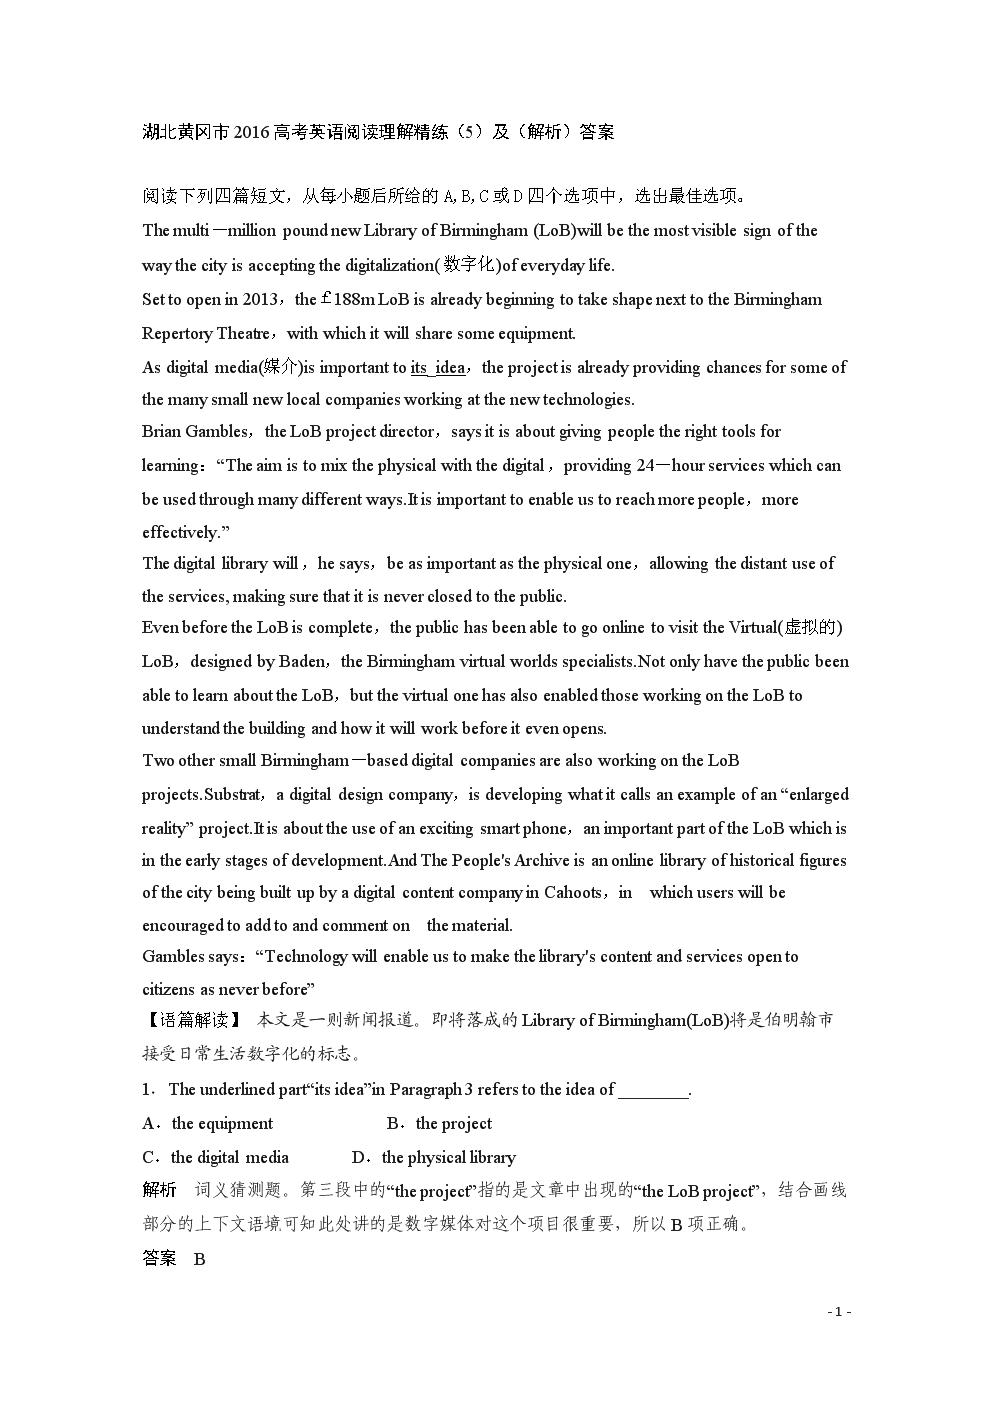 《湖北黄冈市2016高考二轮阅读理解英语精练(5)及(解析)答案.doc》连衣裙18初中生13岁一图片